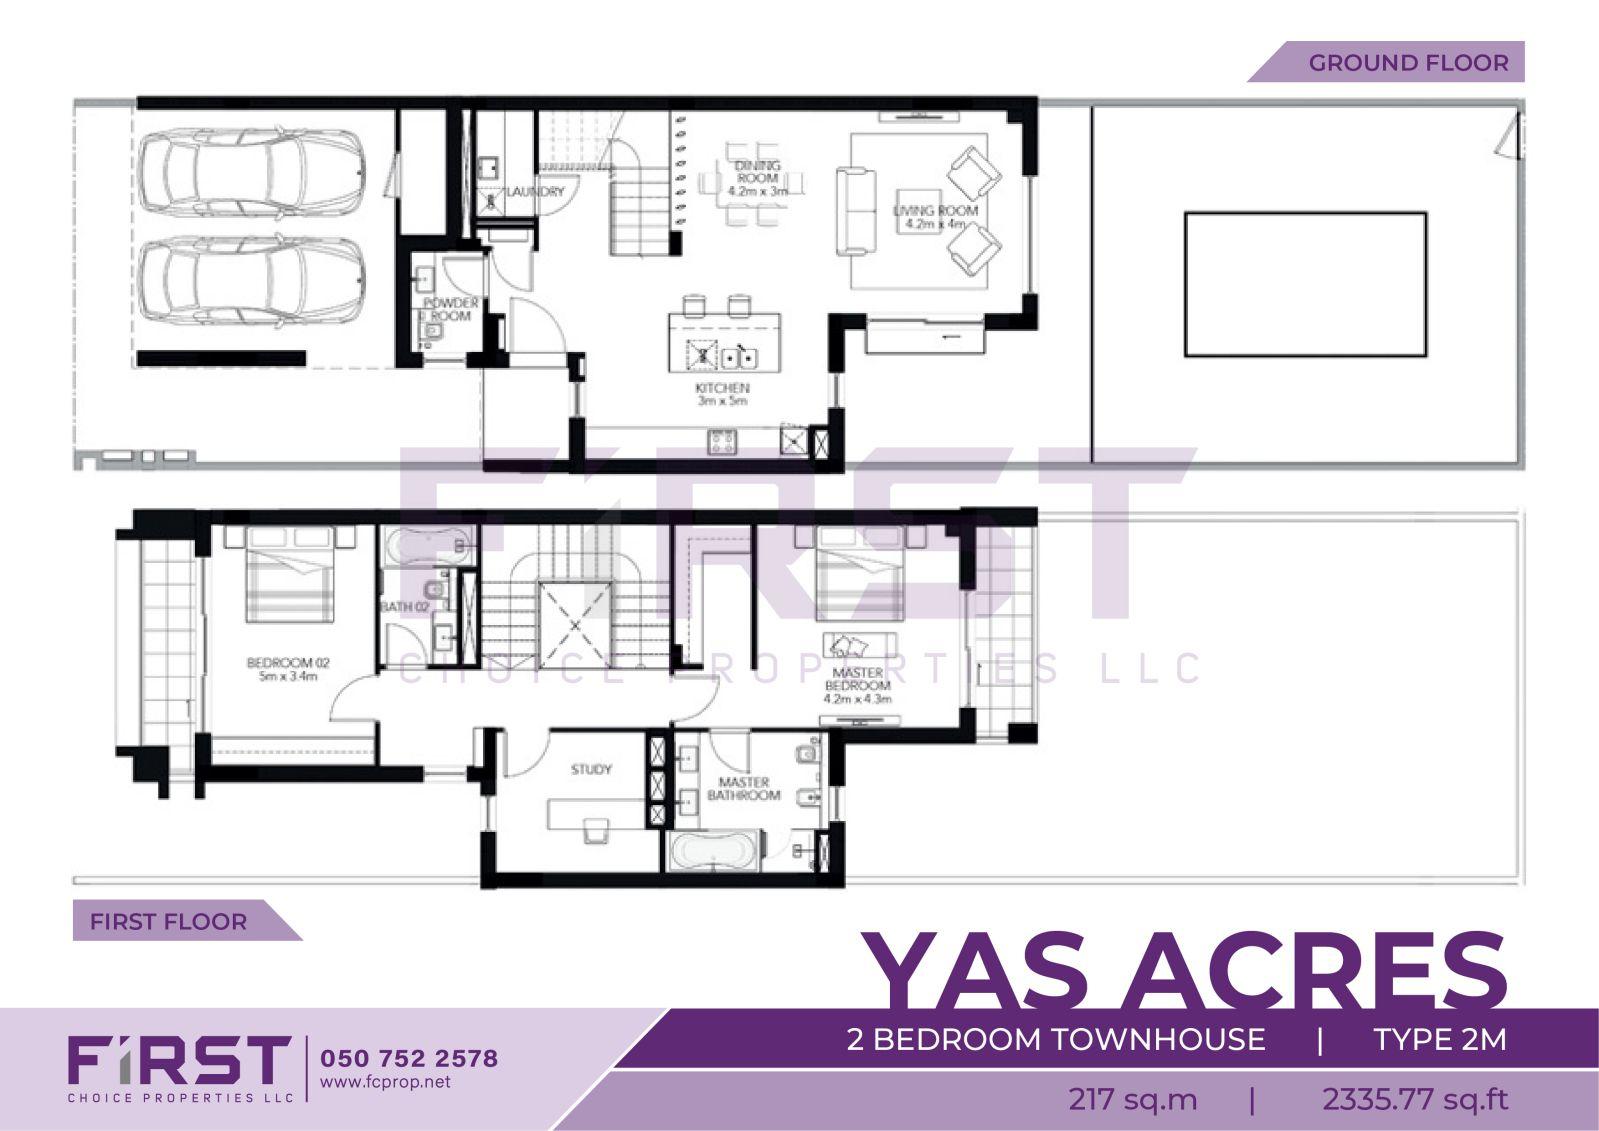 Floor Plan of 2 Bedroom Townhouse Type 2M in Yas Acres Yas Island Abu Dhabi UAE 217 sq.m 2335.77 sq.ft.jpg